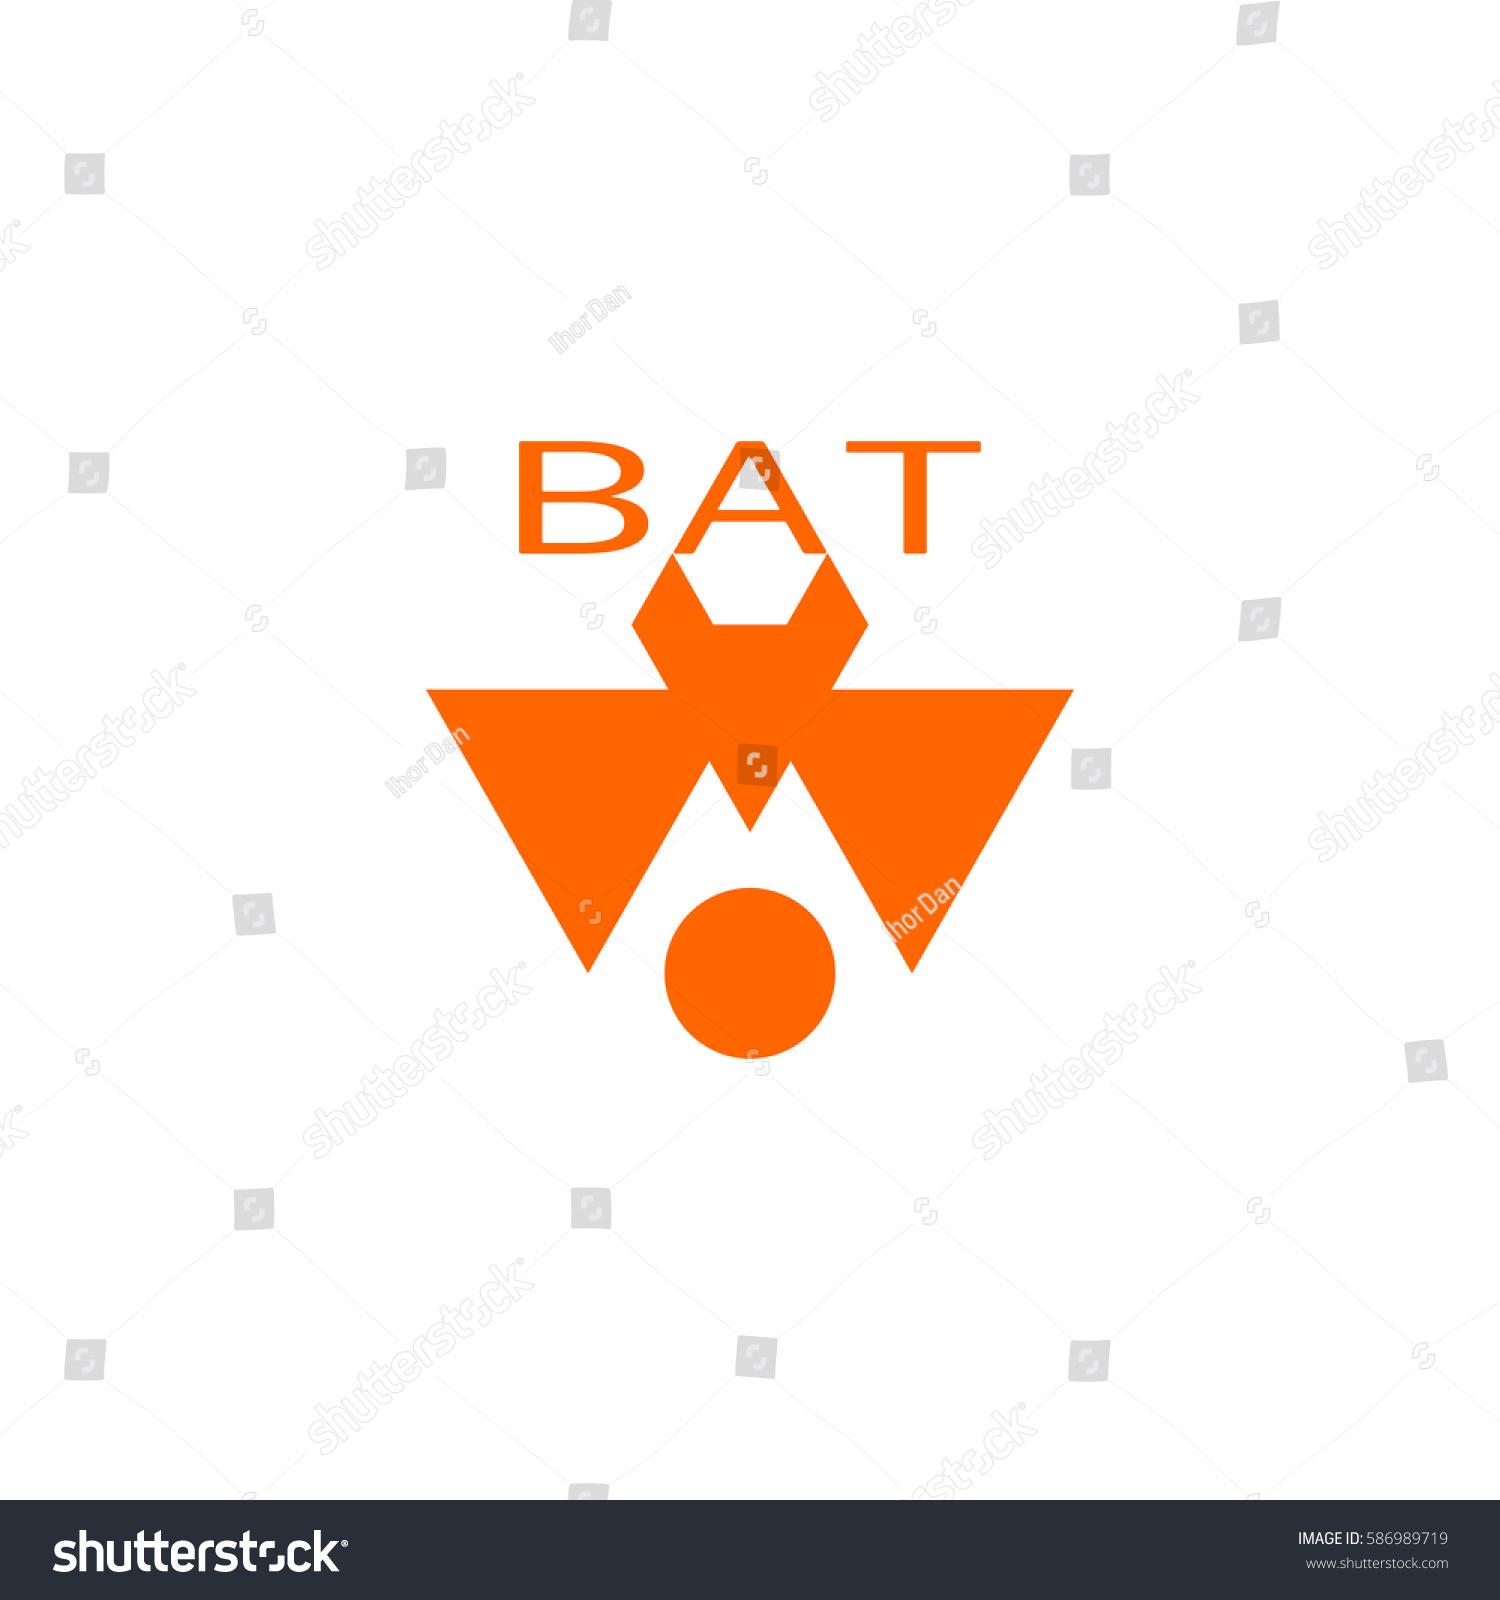 Abstract Logo Design Template. Emblem Of Bat. Vector Creative Concept Icon.